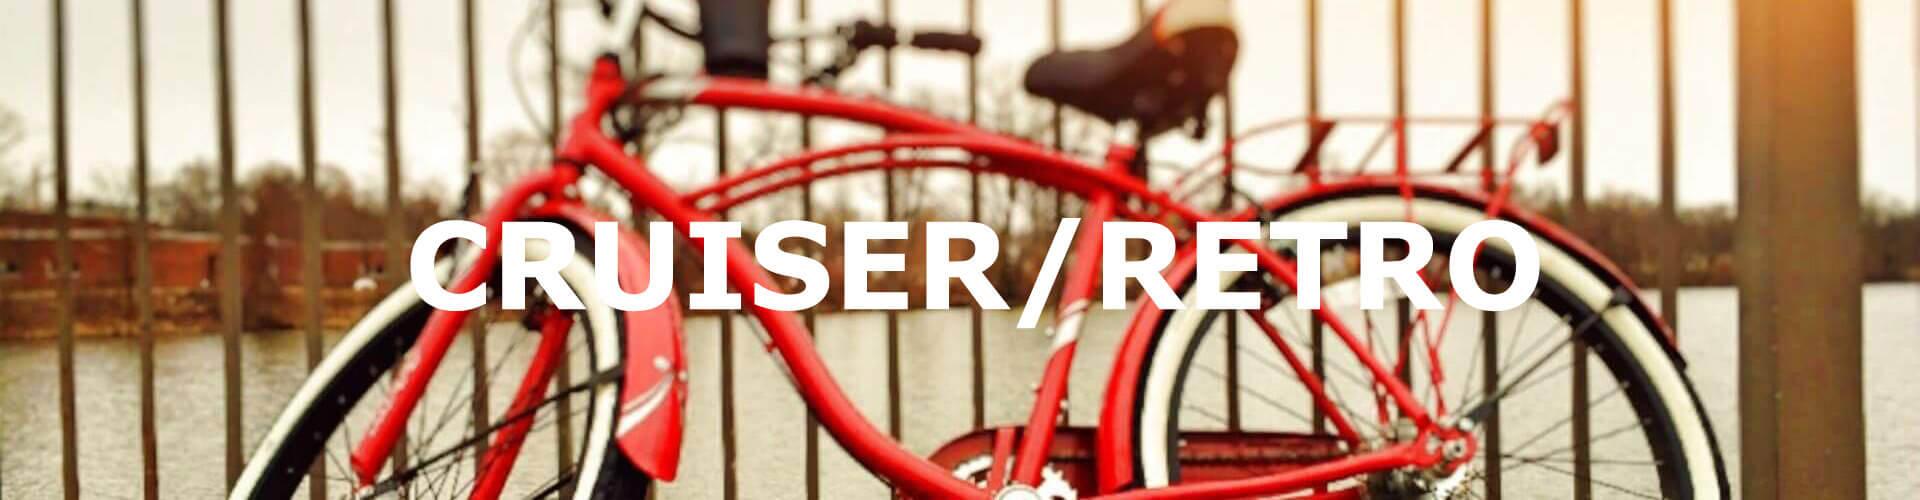 CRUISER/RETRO - Kategorie